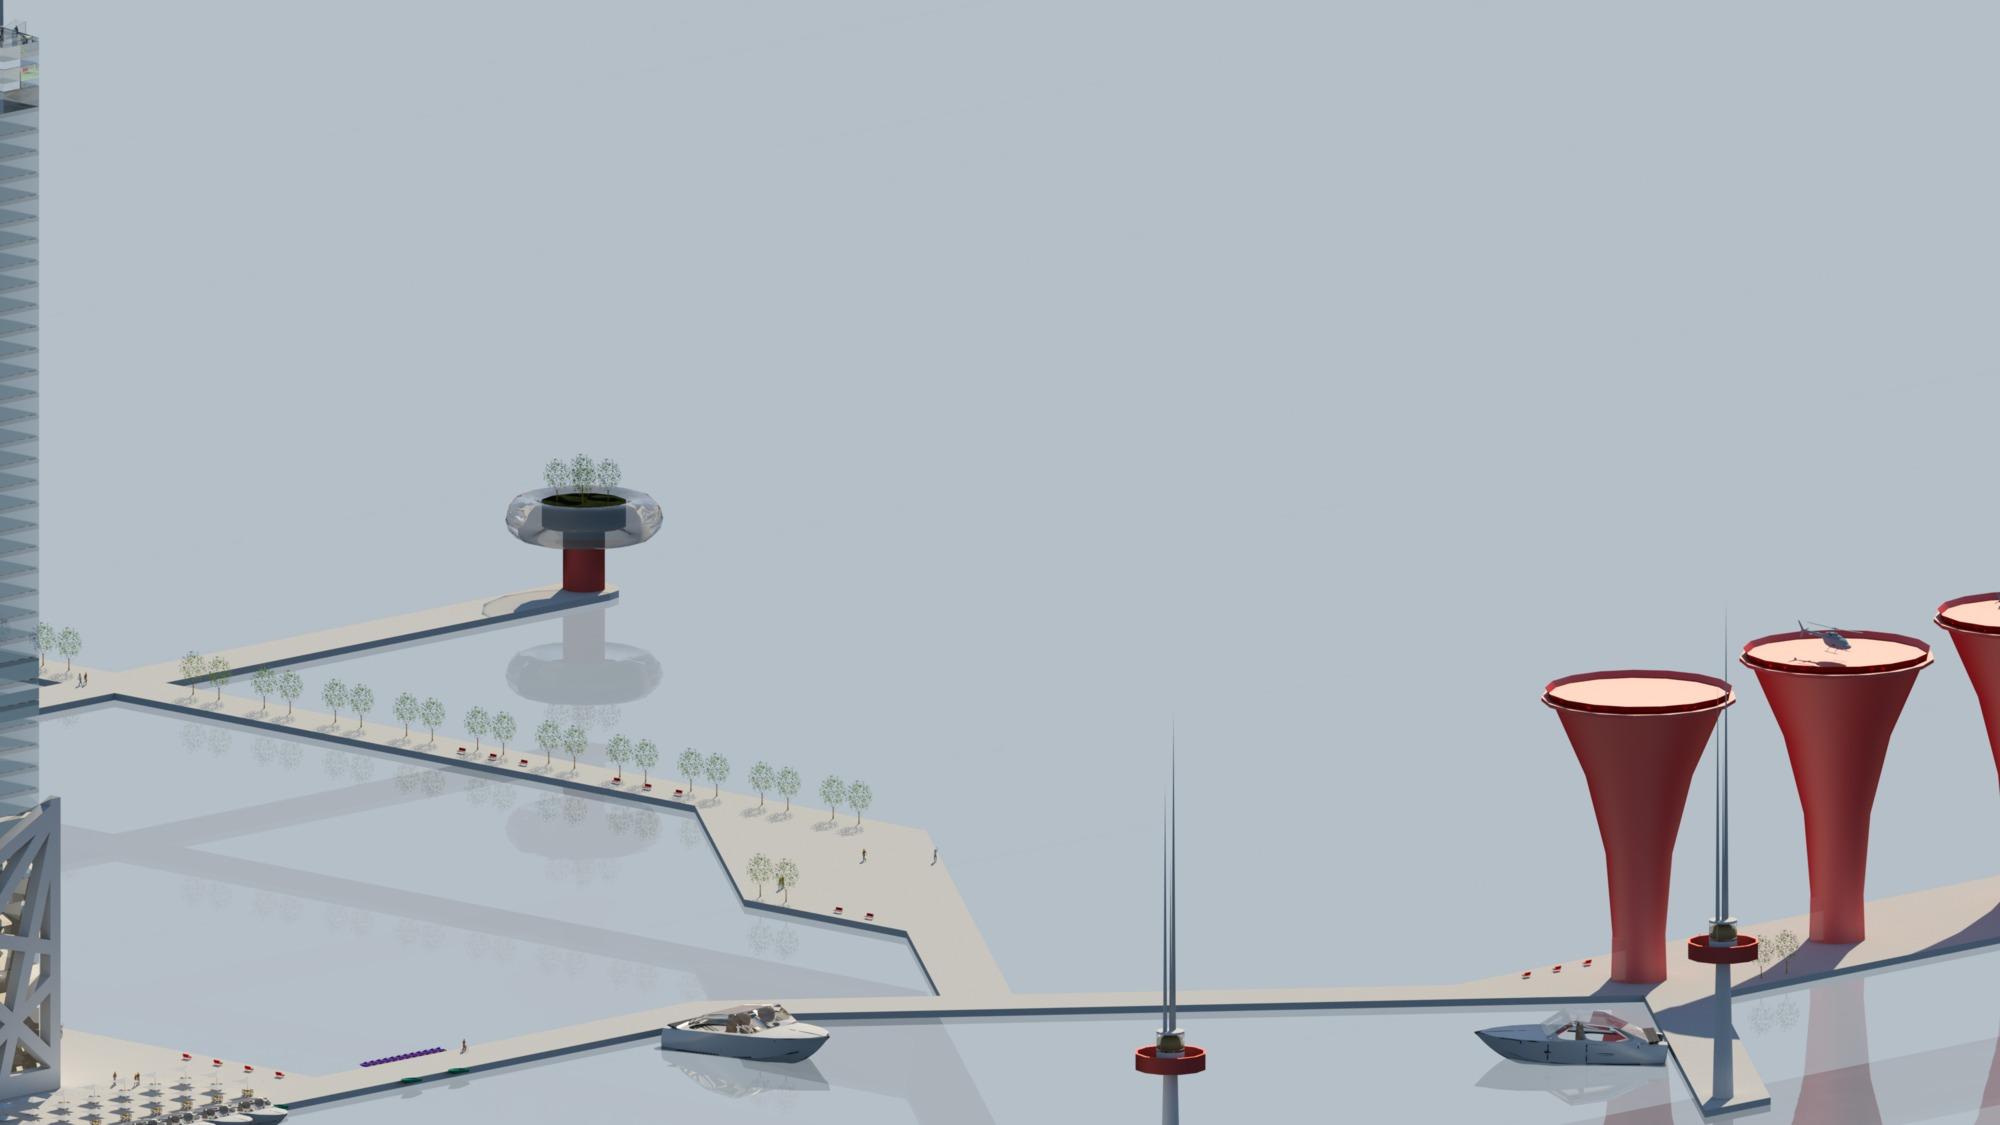 Raas-rendering20150206-18426-38v3td